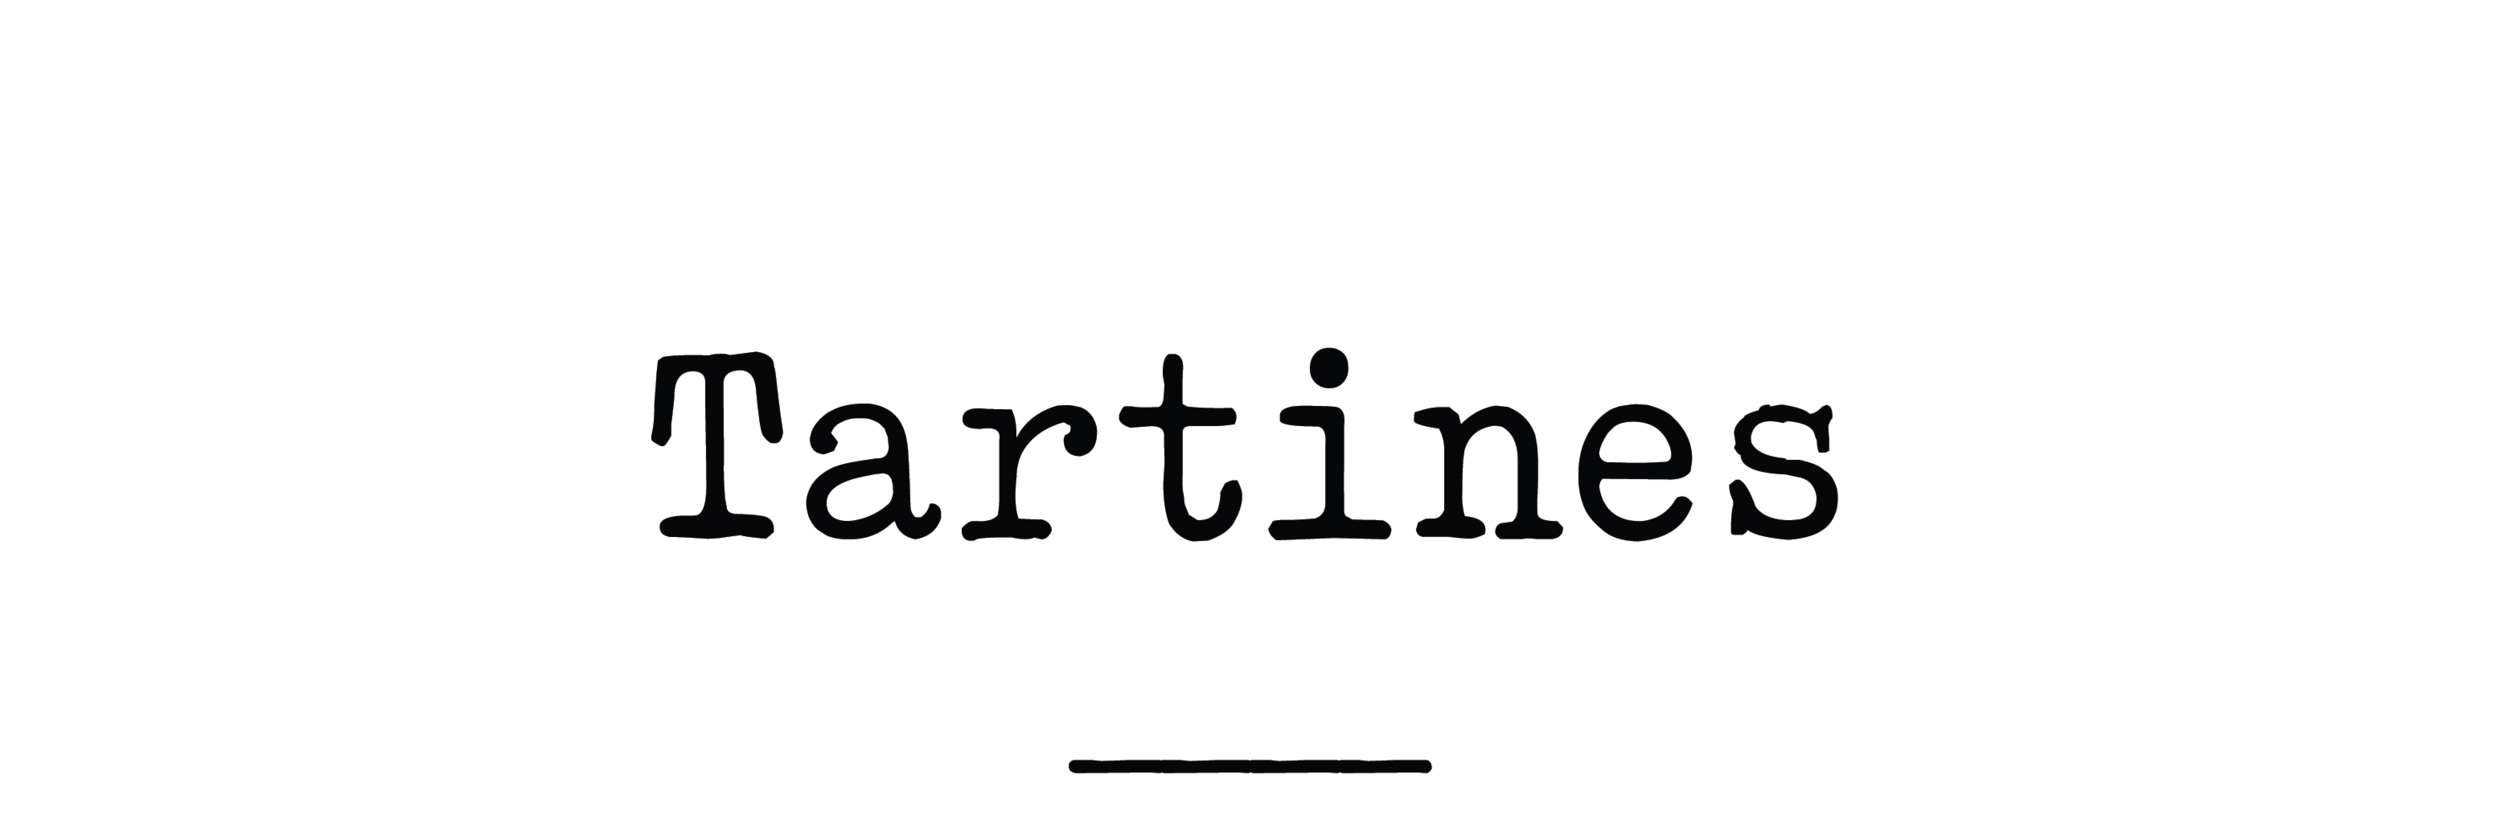 tartines.png